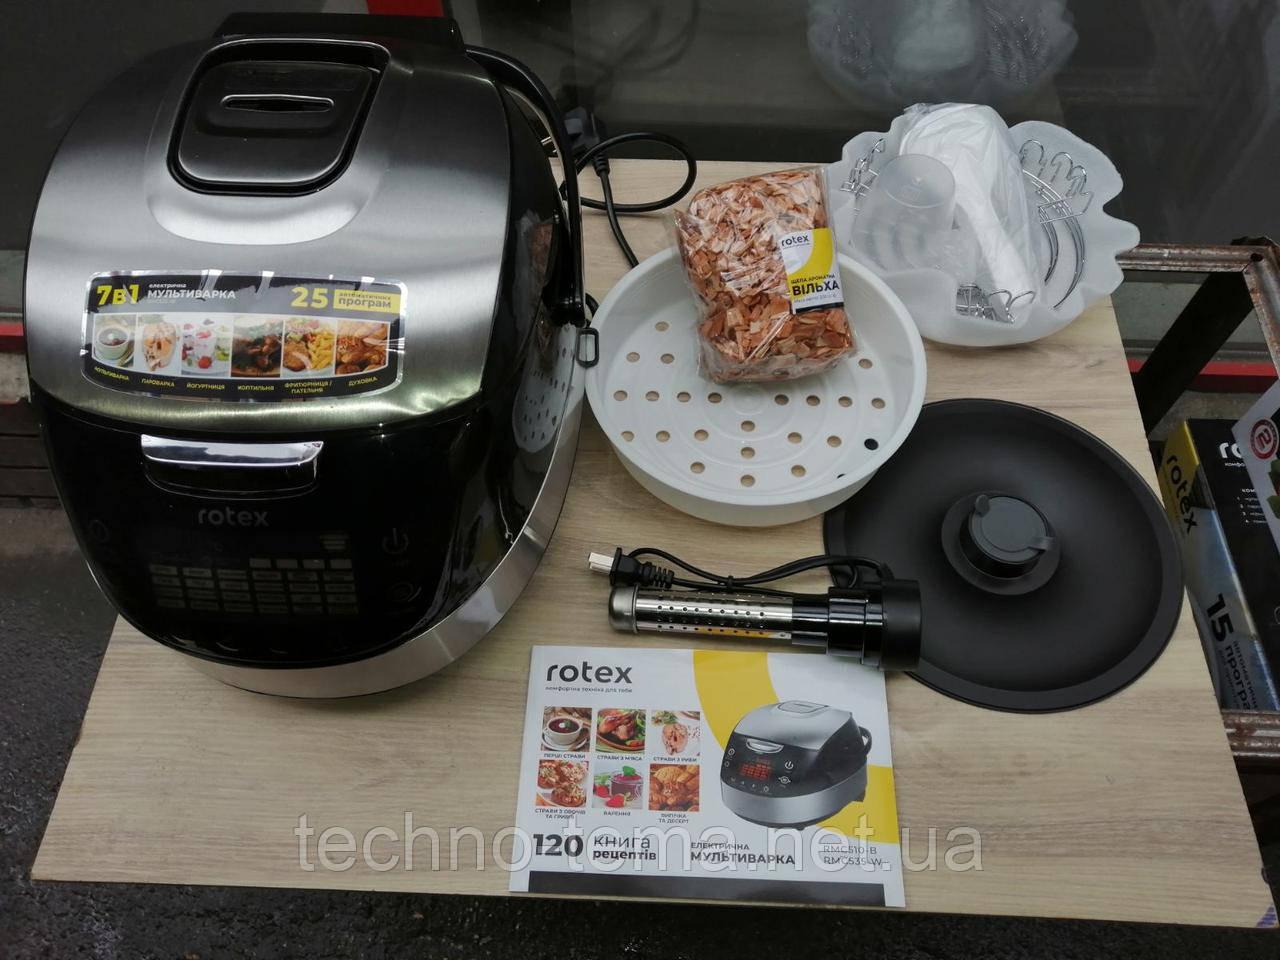 Мультиварка Smoke Master ROTEX RMC535-W